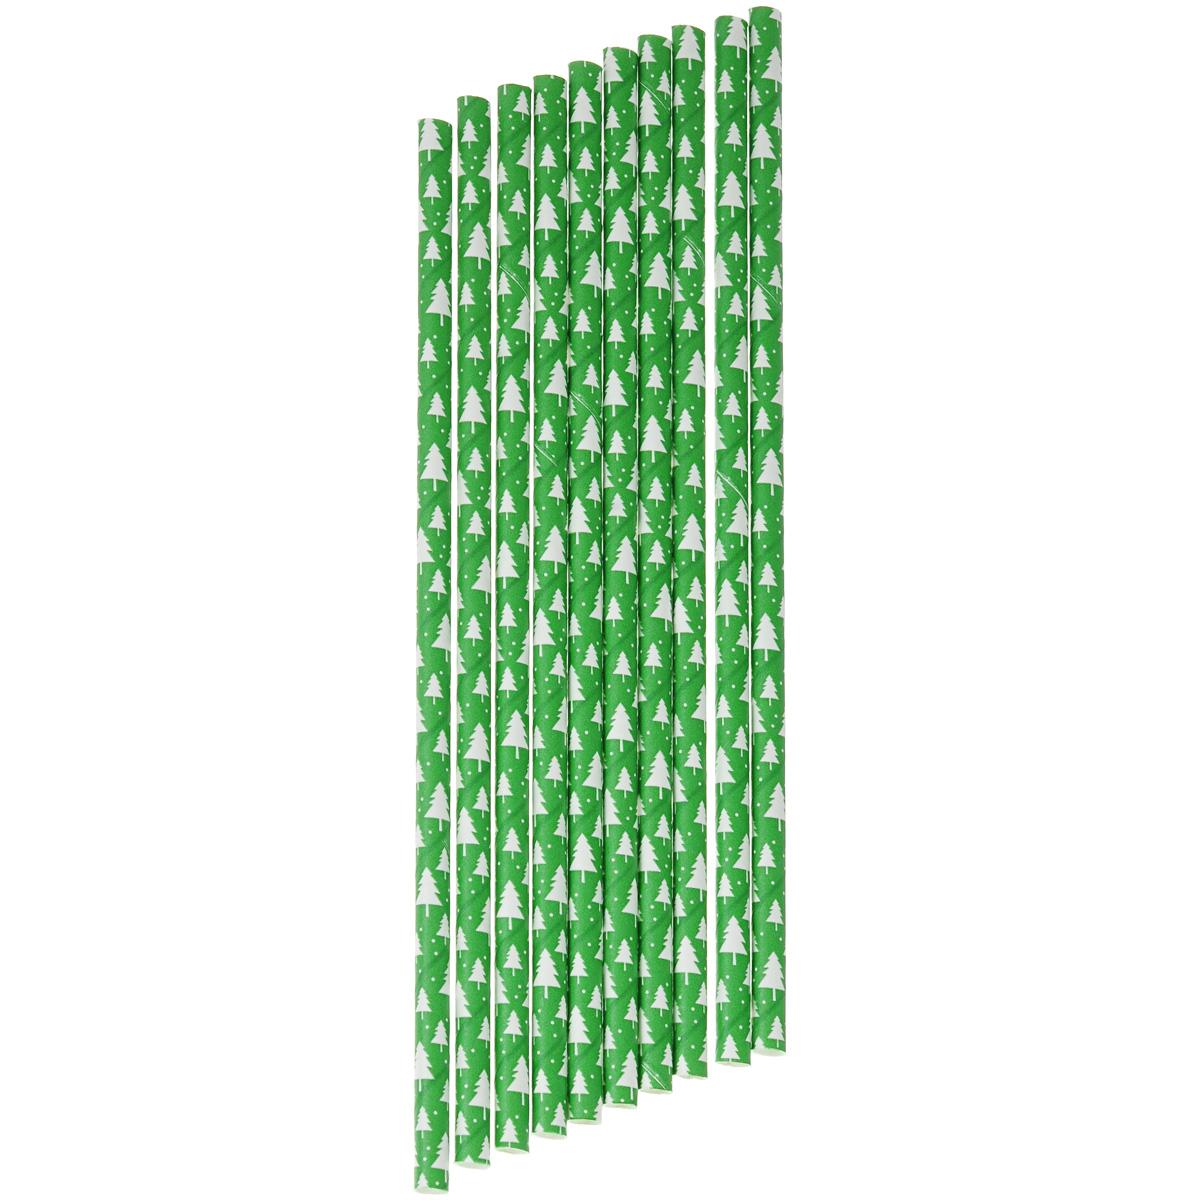 Набор бумажных трубочек Dolce Arti Лесной мотив, цвет: зеленый, 10 штDA040258Набор Dolce Arti Лесной мотив состоит из 10 бумажных трубочек, предназначенных для напитков. Цветные трубочки станут не только эффектным украшением коктейлей, но и ярким штрихом вашего сладкого стола. С набором Dolce Arti Лесной мотив ваш праздник станет по-настоящему красочным!Длина трубочки: 19,5 см. Диаметр трубочки: 5 мм.